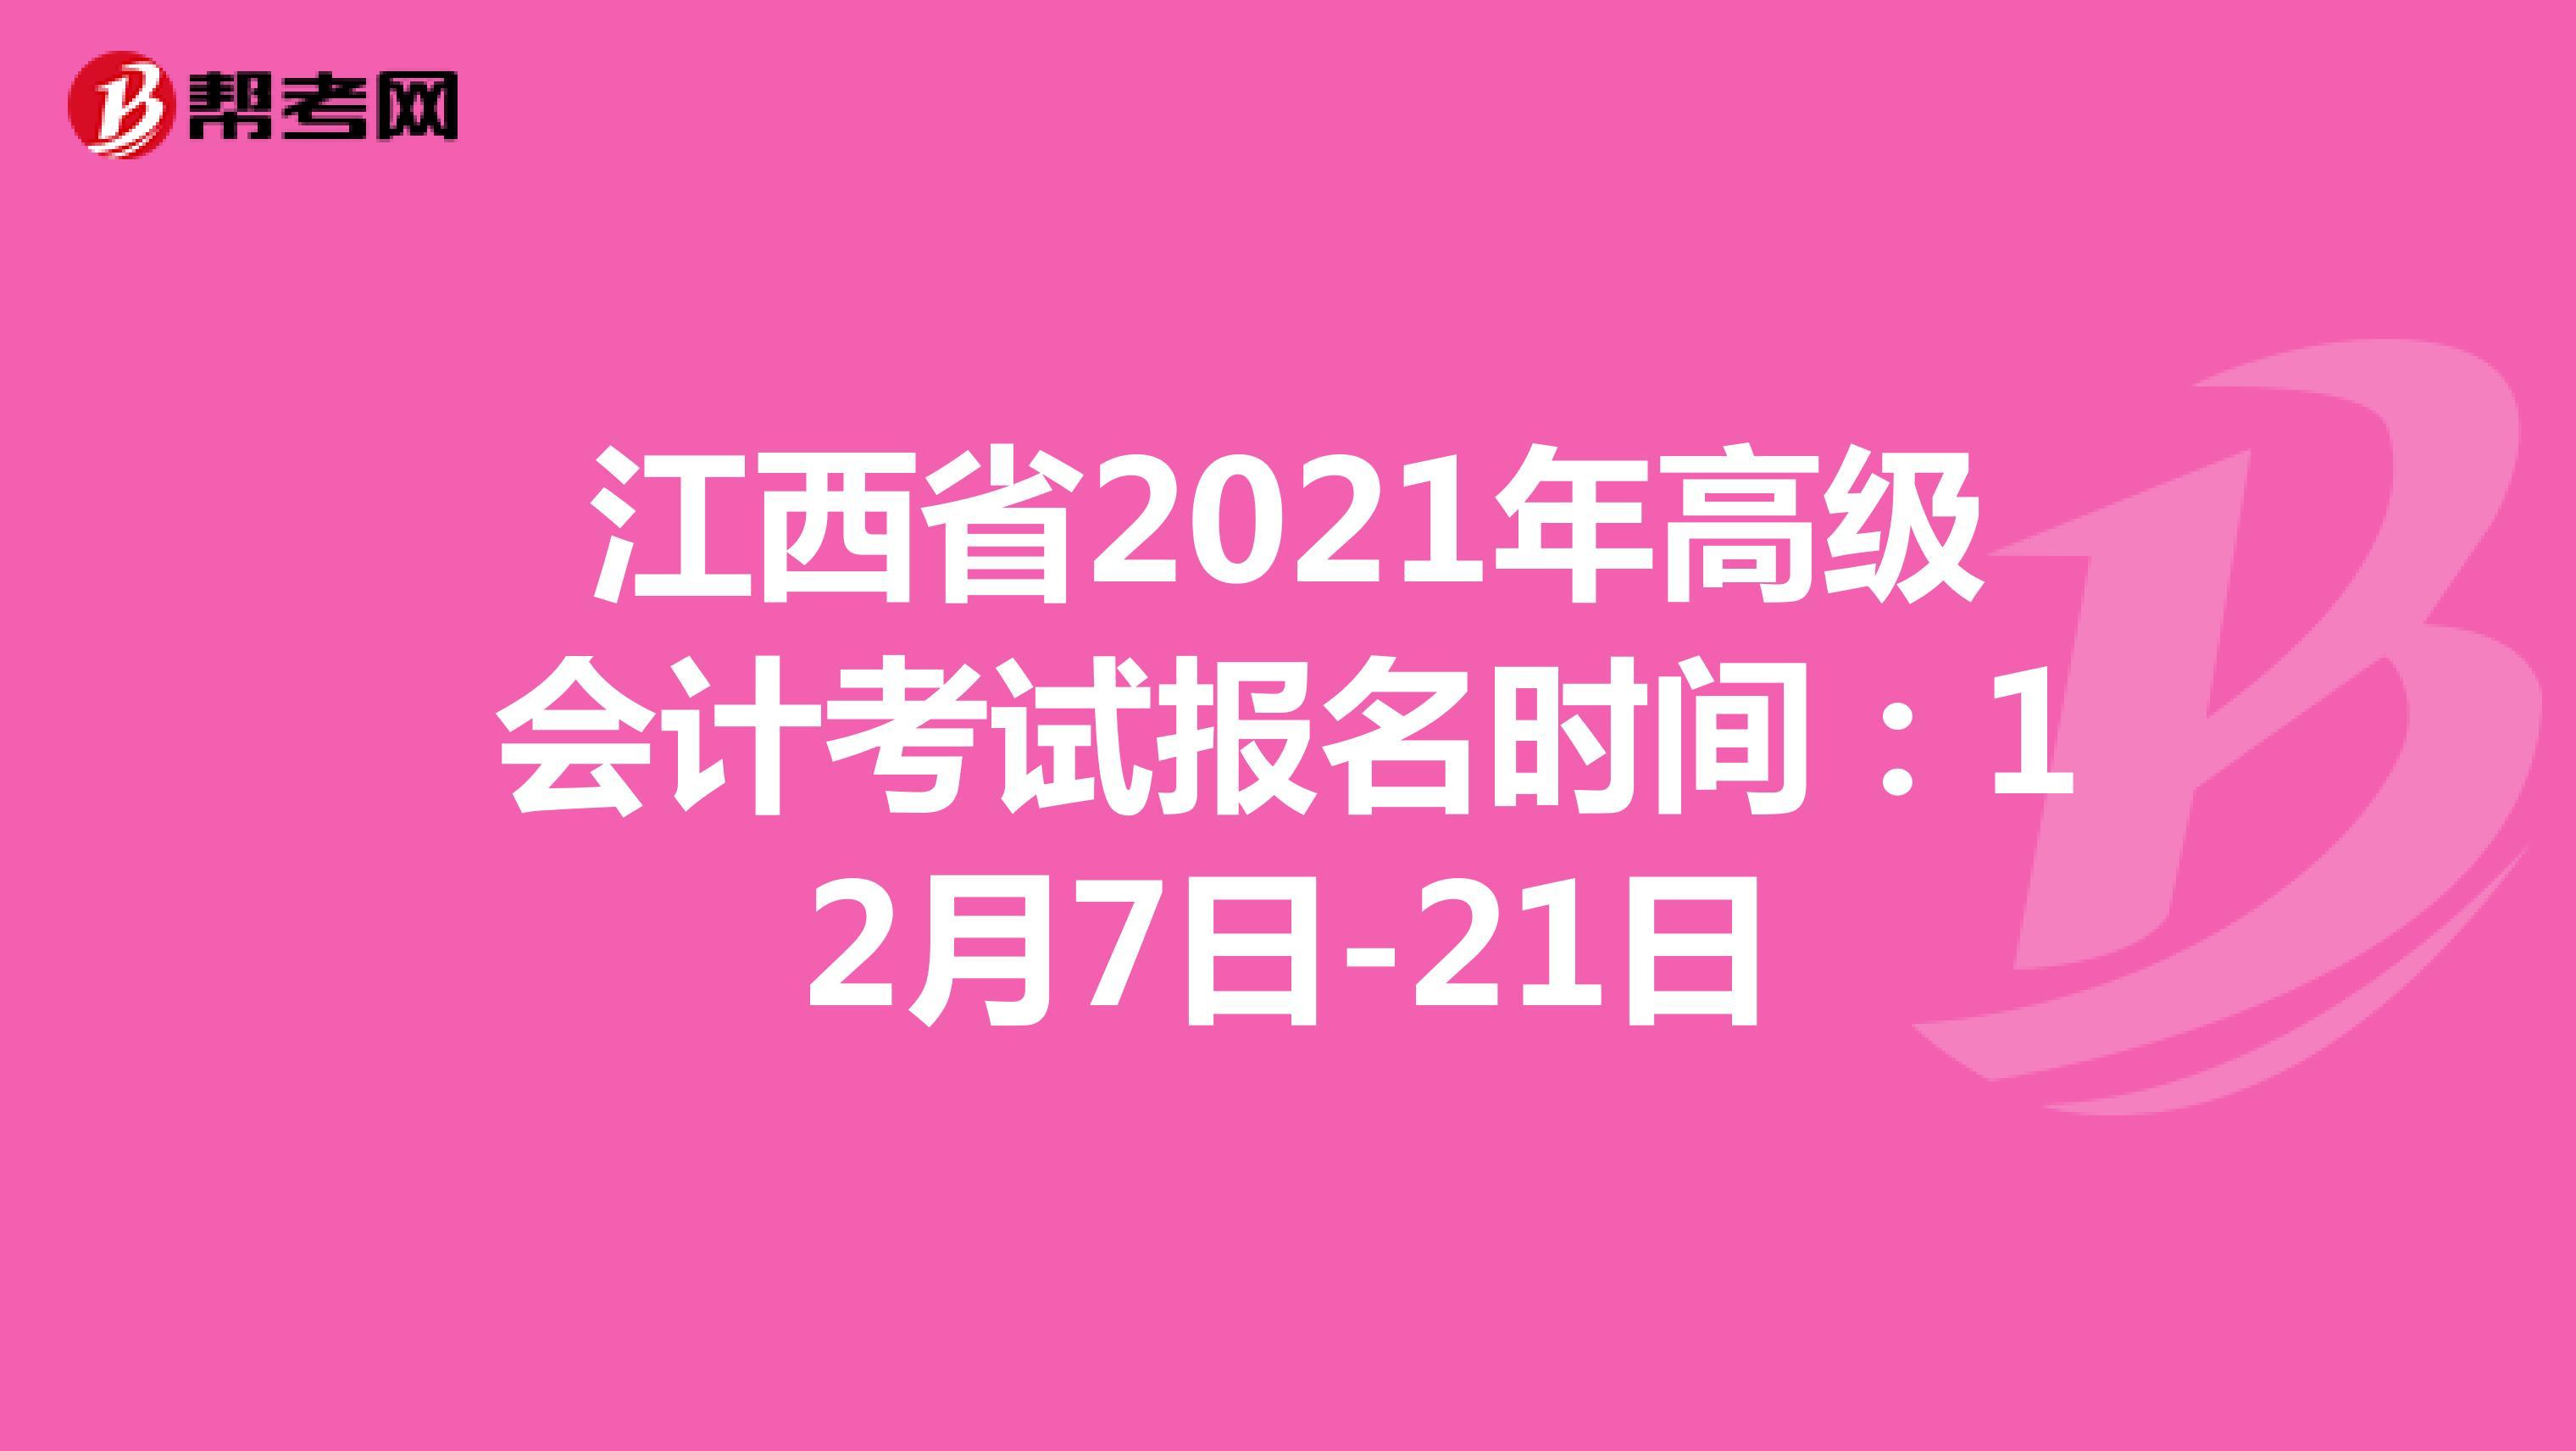 江西省2021年高級會計考試報名時間:12月7日-21日